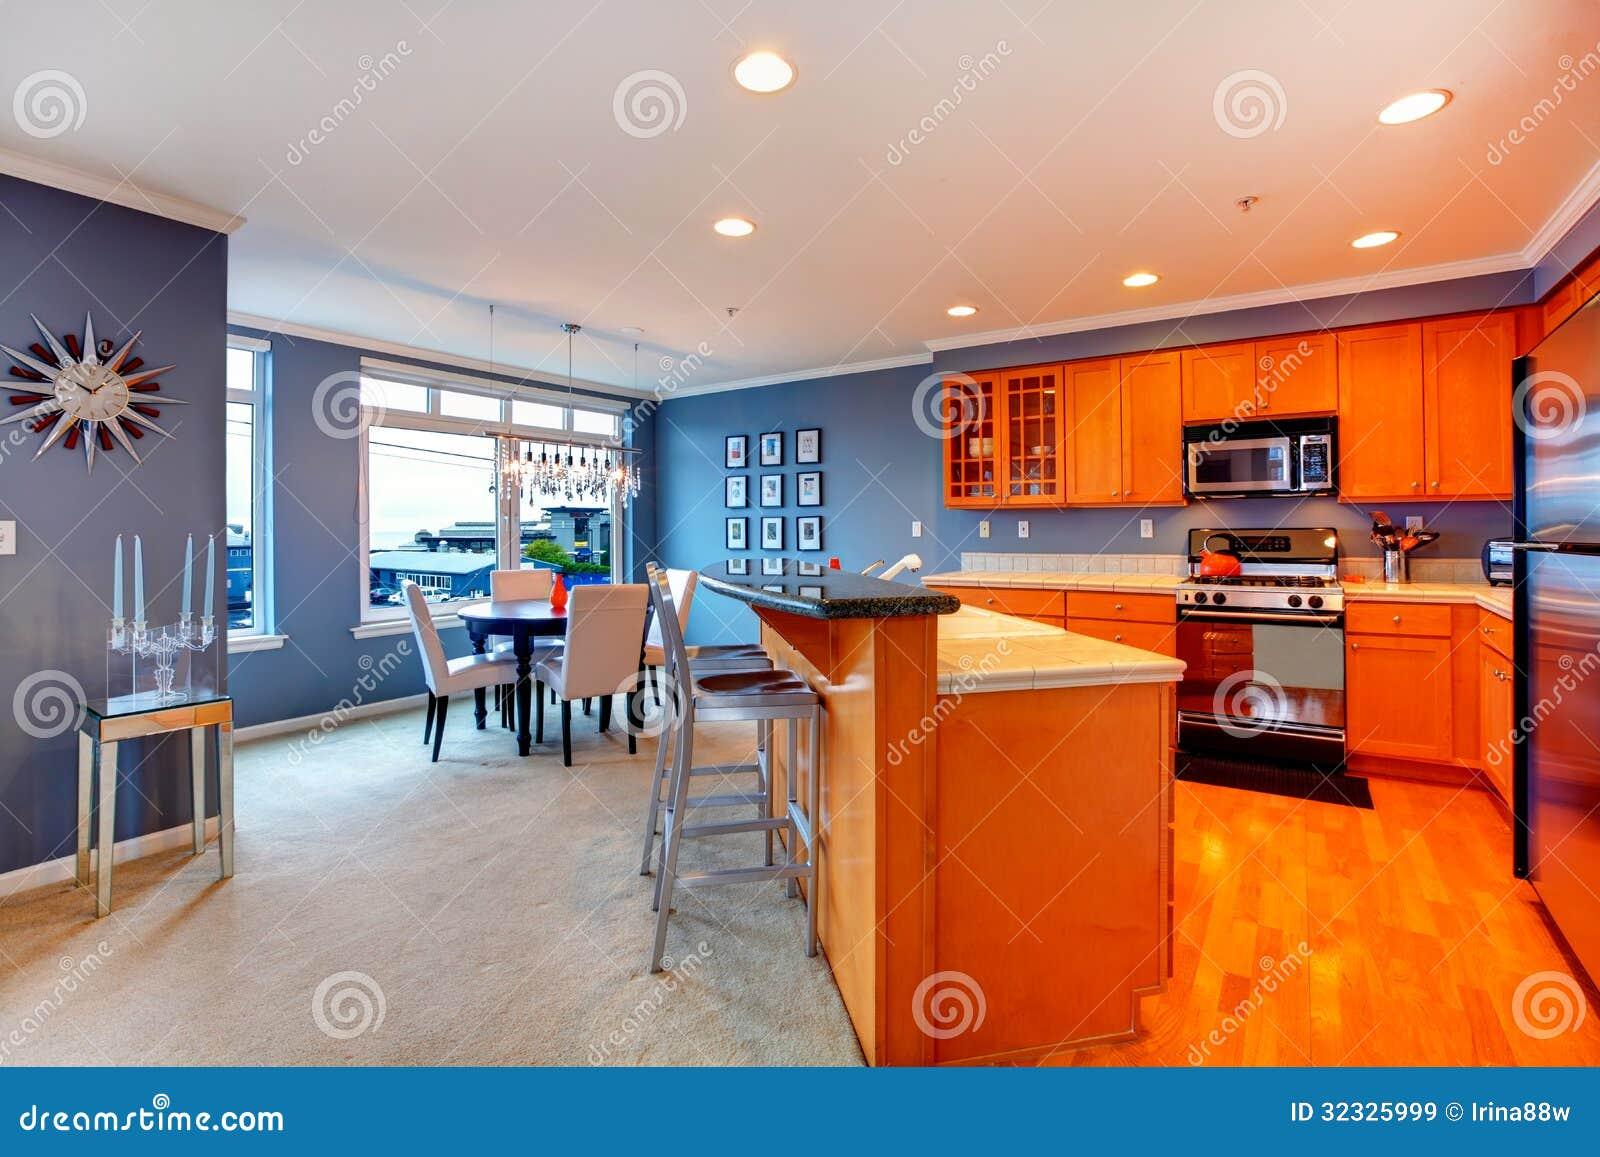 De oranje houten keuken van de stadsflat met blauwe eetkamer royalty vrije stock afbeeldingen - Meubilair outdoor houten keuken ...